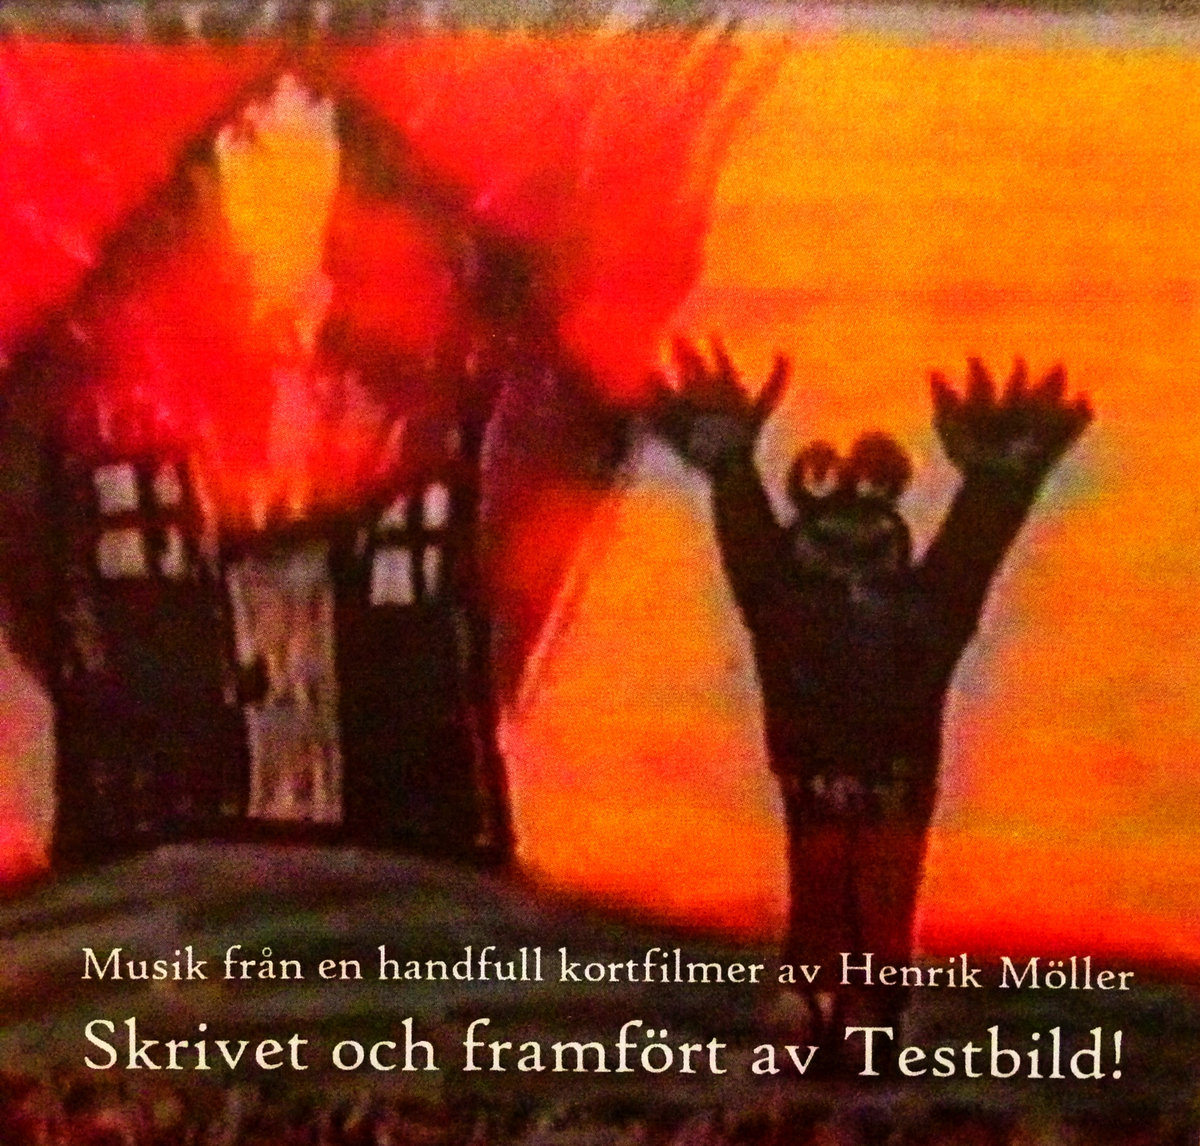 jordens födelsedag Testbild!   Musik från en handfull kortfilmer av Henrik Möller  jordens födelsedag